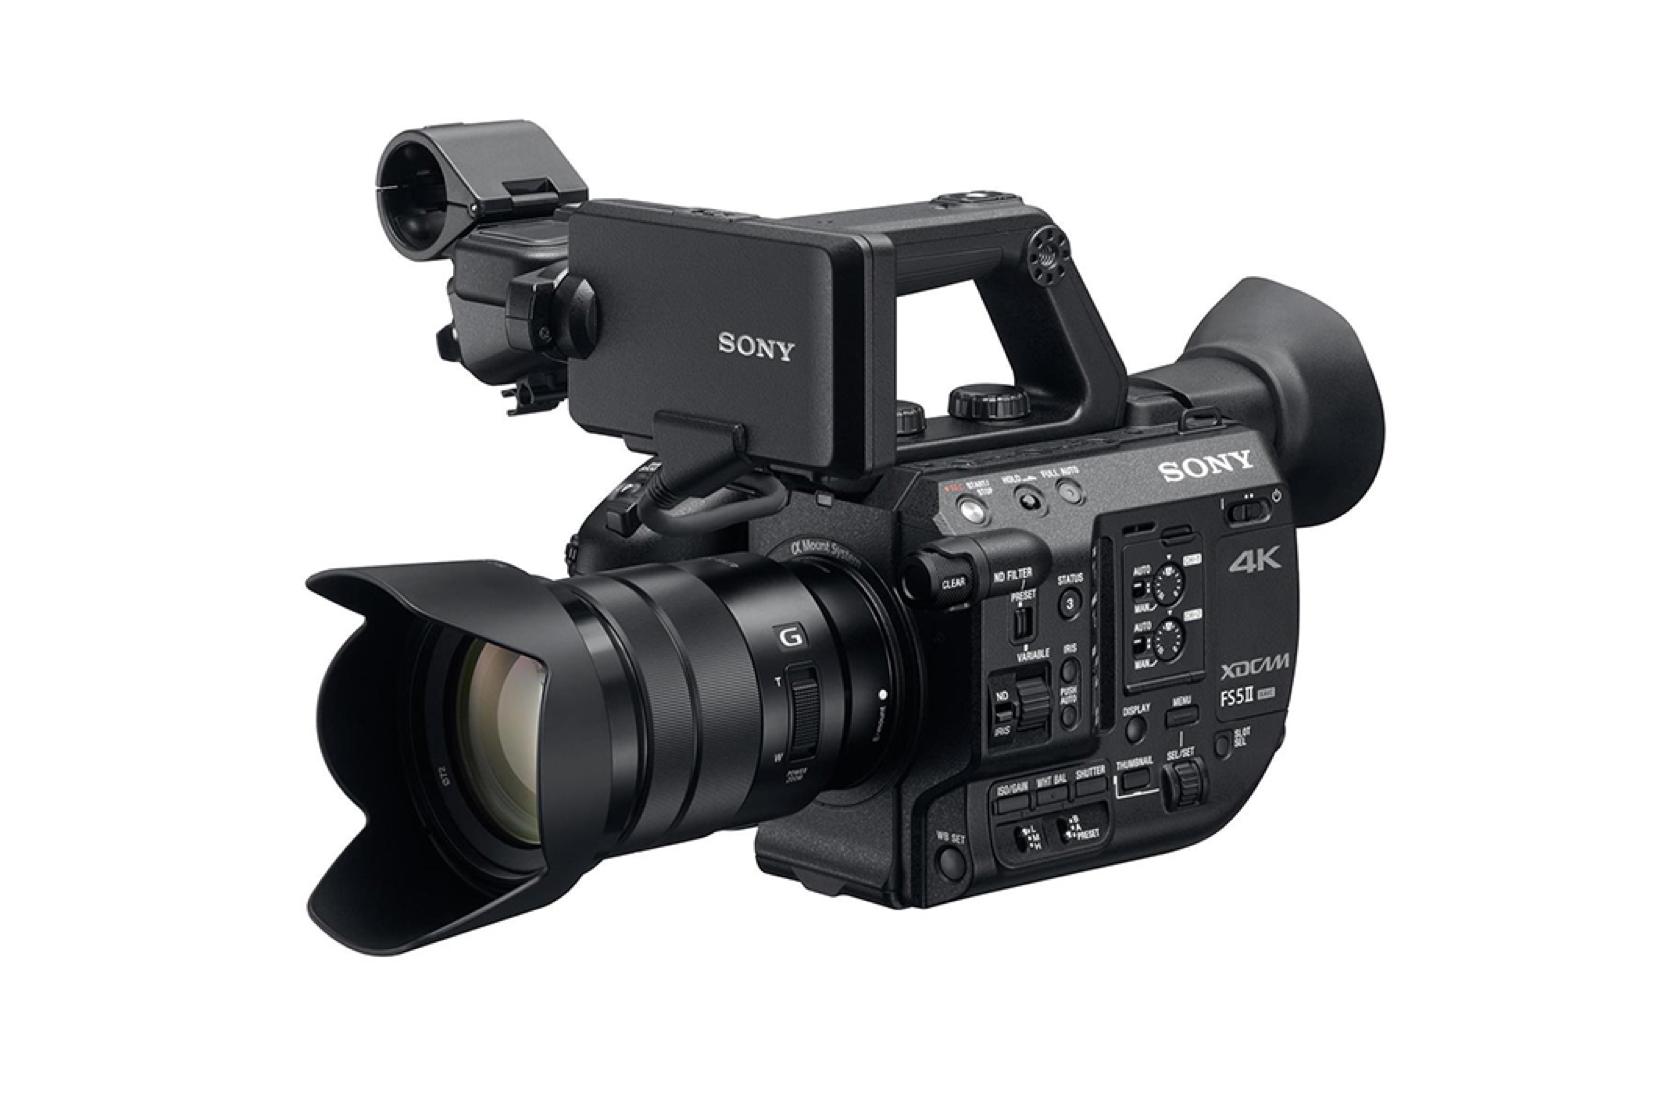 FS5 XDCAM - Lentes intercambiables/ graba hasta 4K / pequeña, flexible, poderosa…